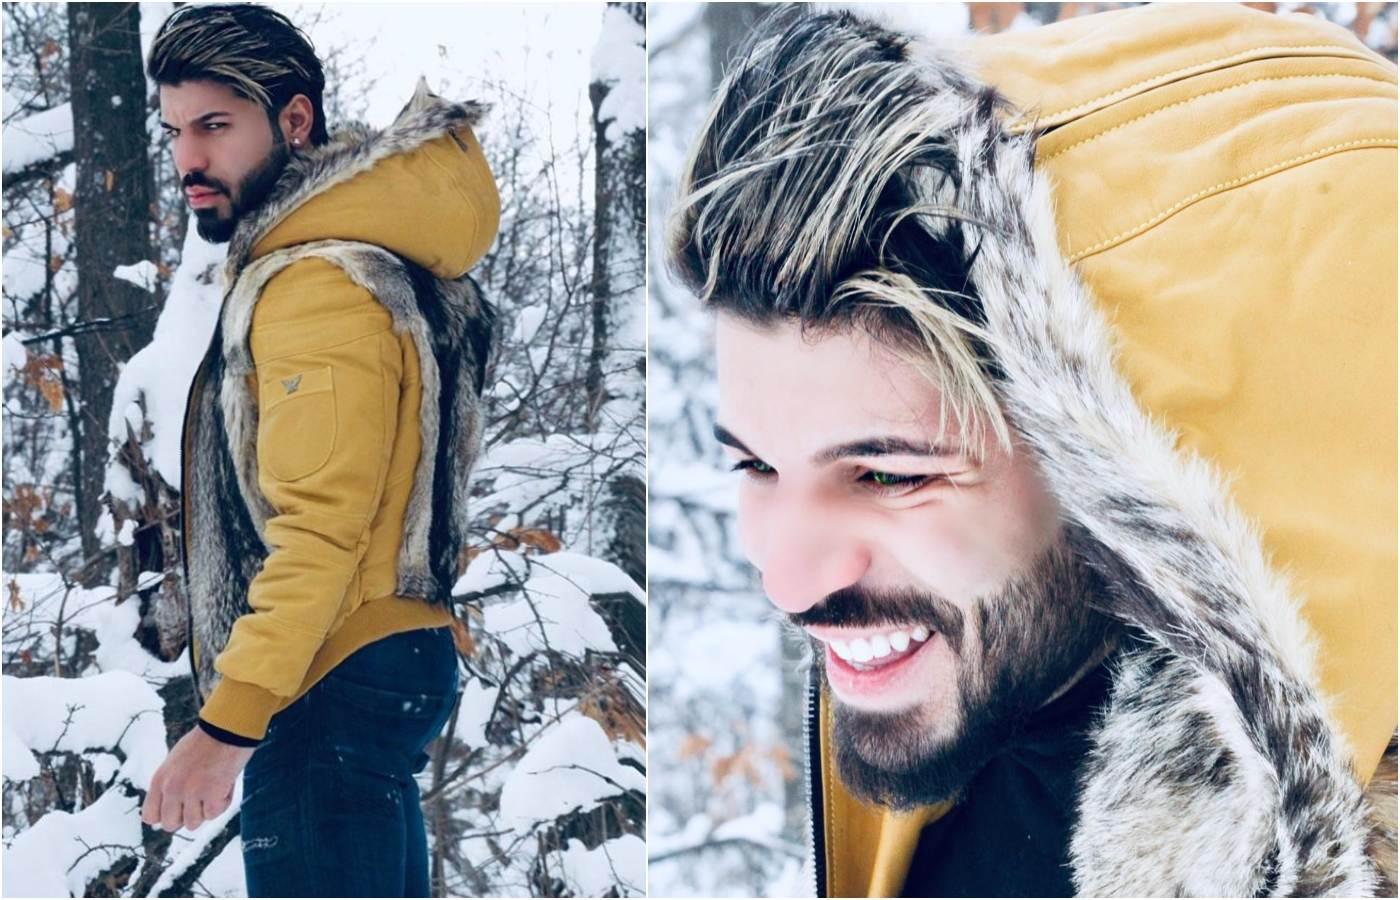 Фики обича снега